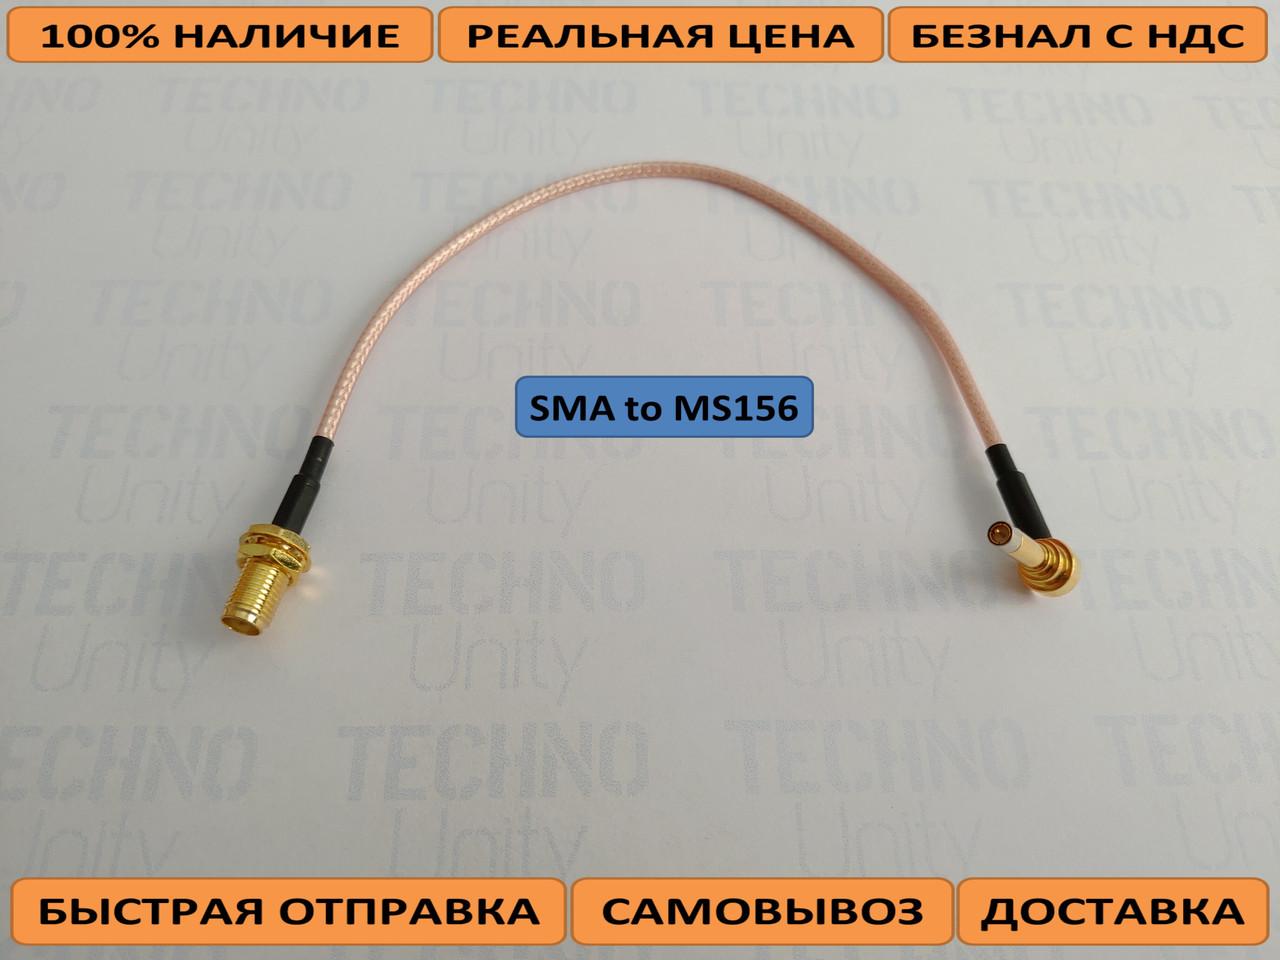 Антенний перехідник (pig-tail, пігтейл) MS-156 to SMA type (для Huawei EC5321, EC126, E153, EC167, E220)